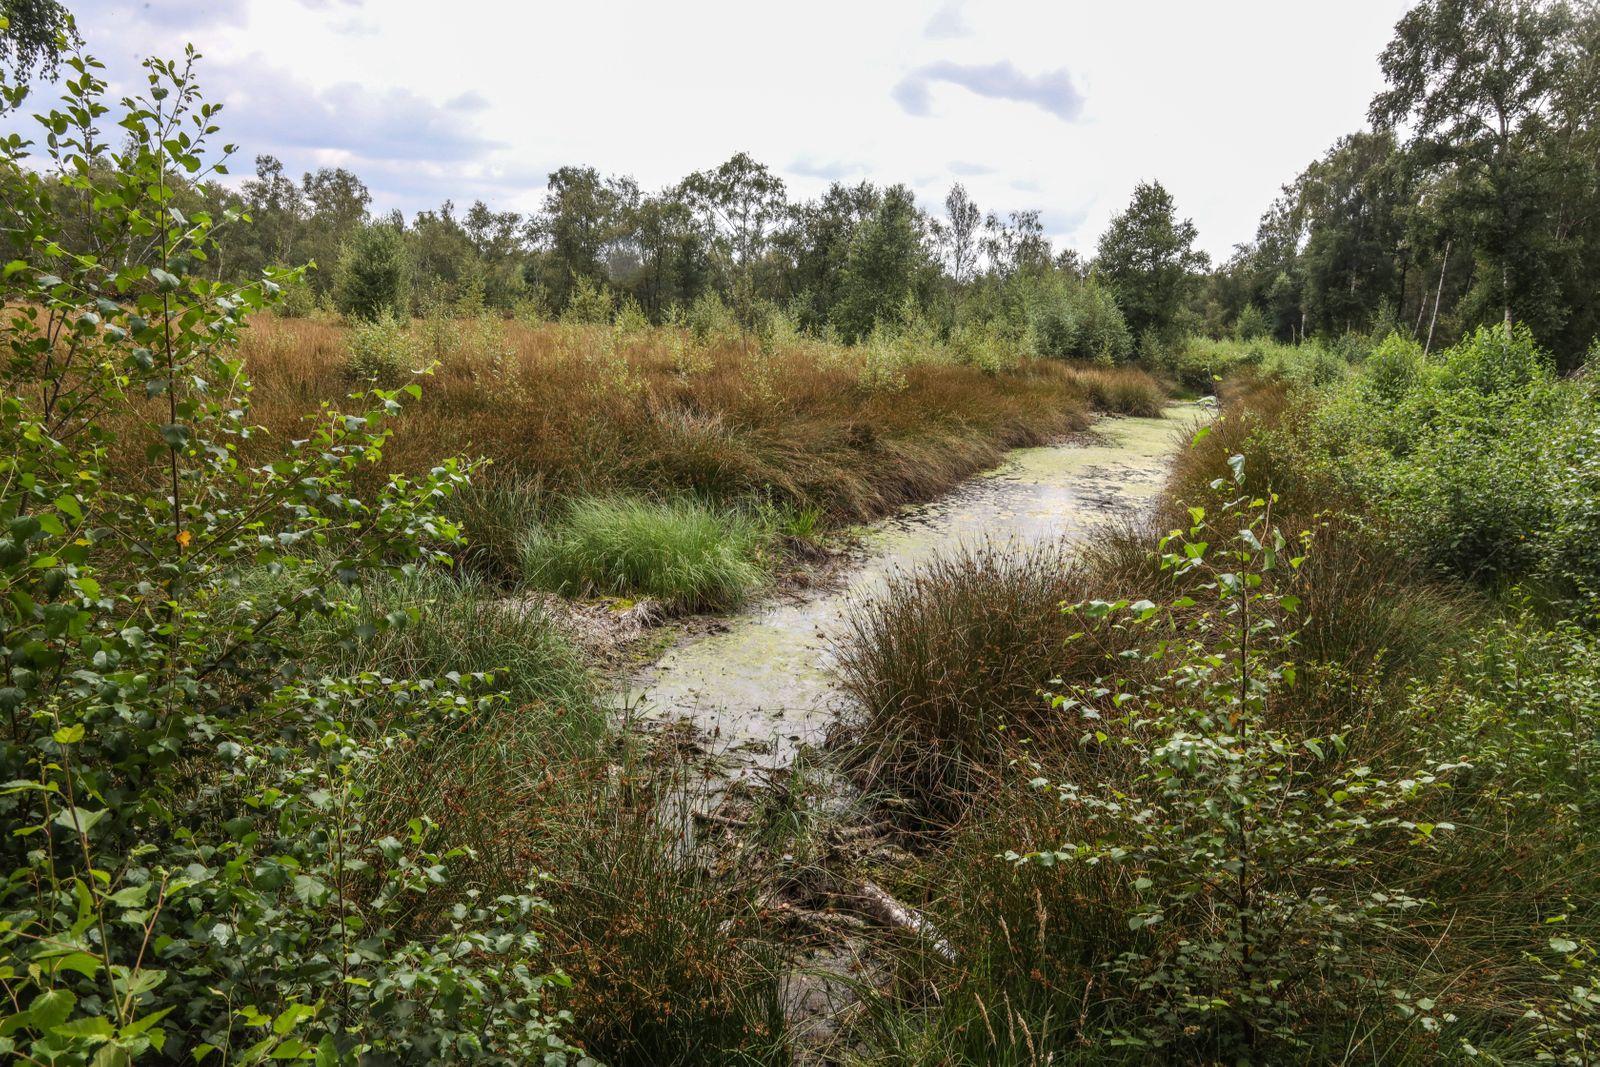 DEU, Deutschland, Nordrhein-Westfalen, Senden, 02.08.2020: Naturschutzgebiet Venner Moor (Schutzgebiet nach der Fauna-F